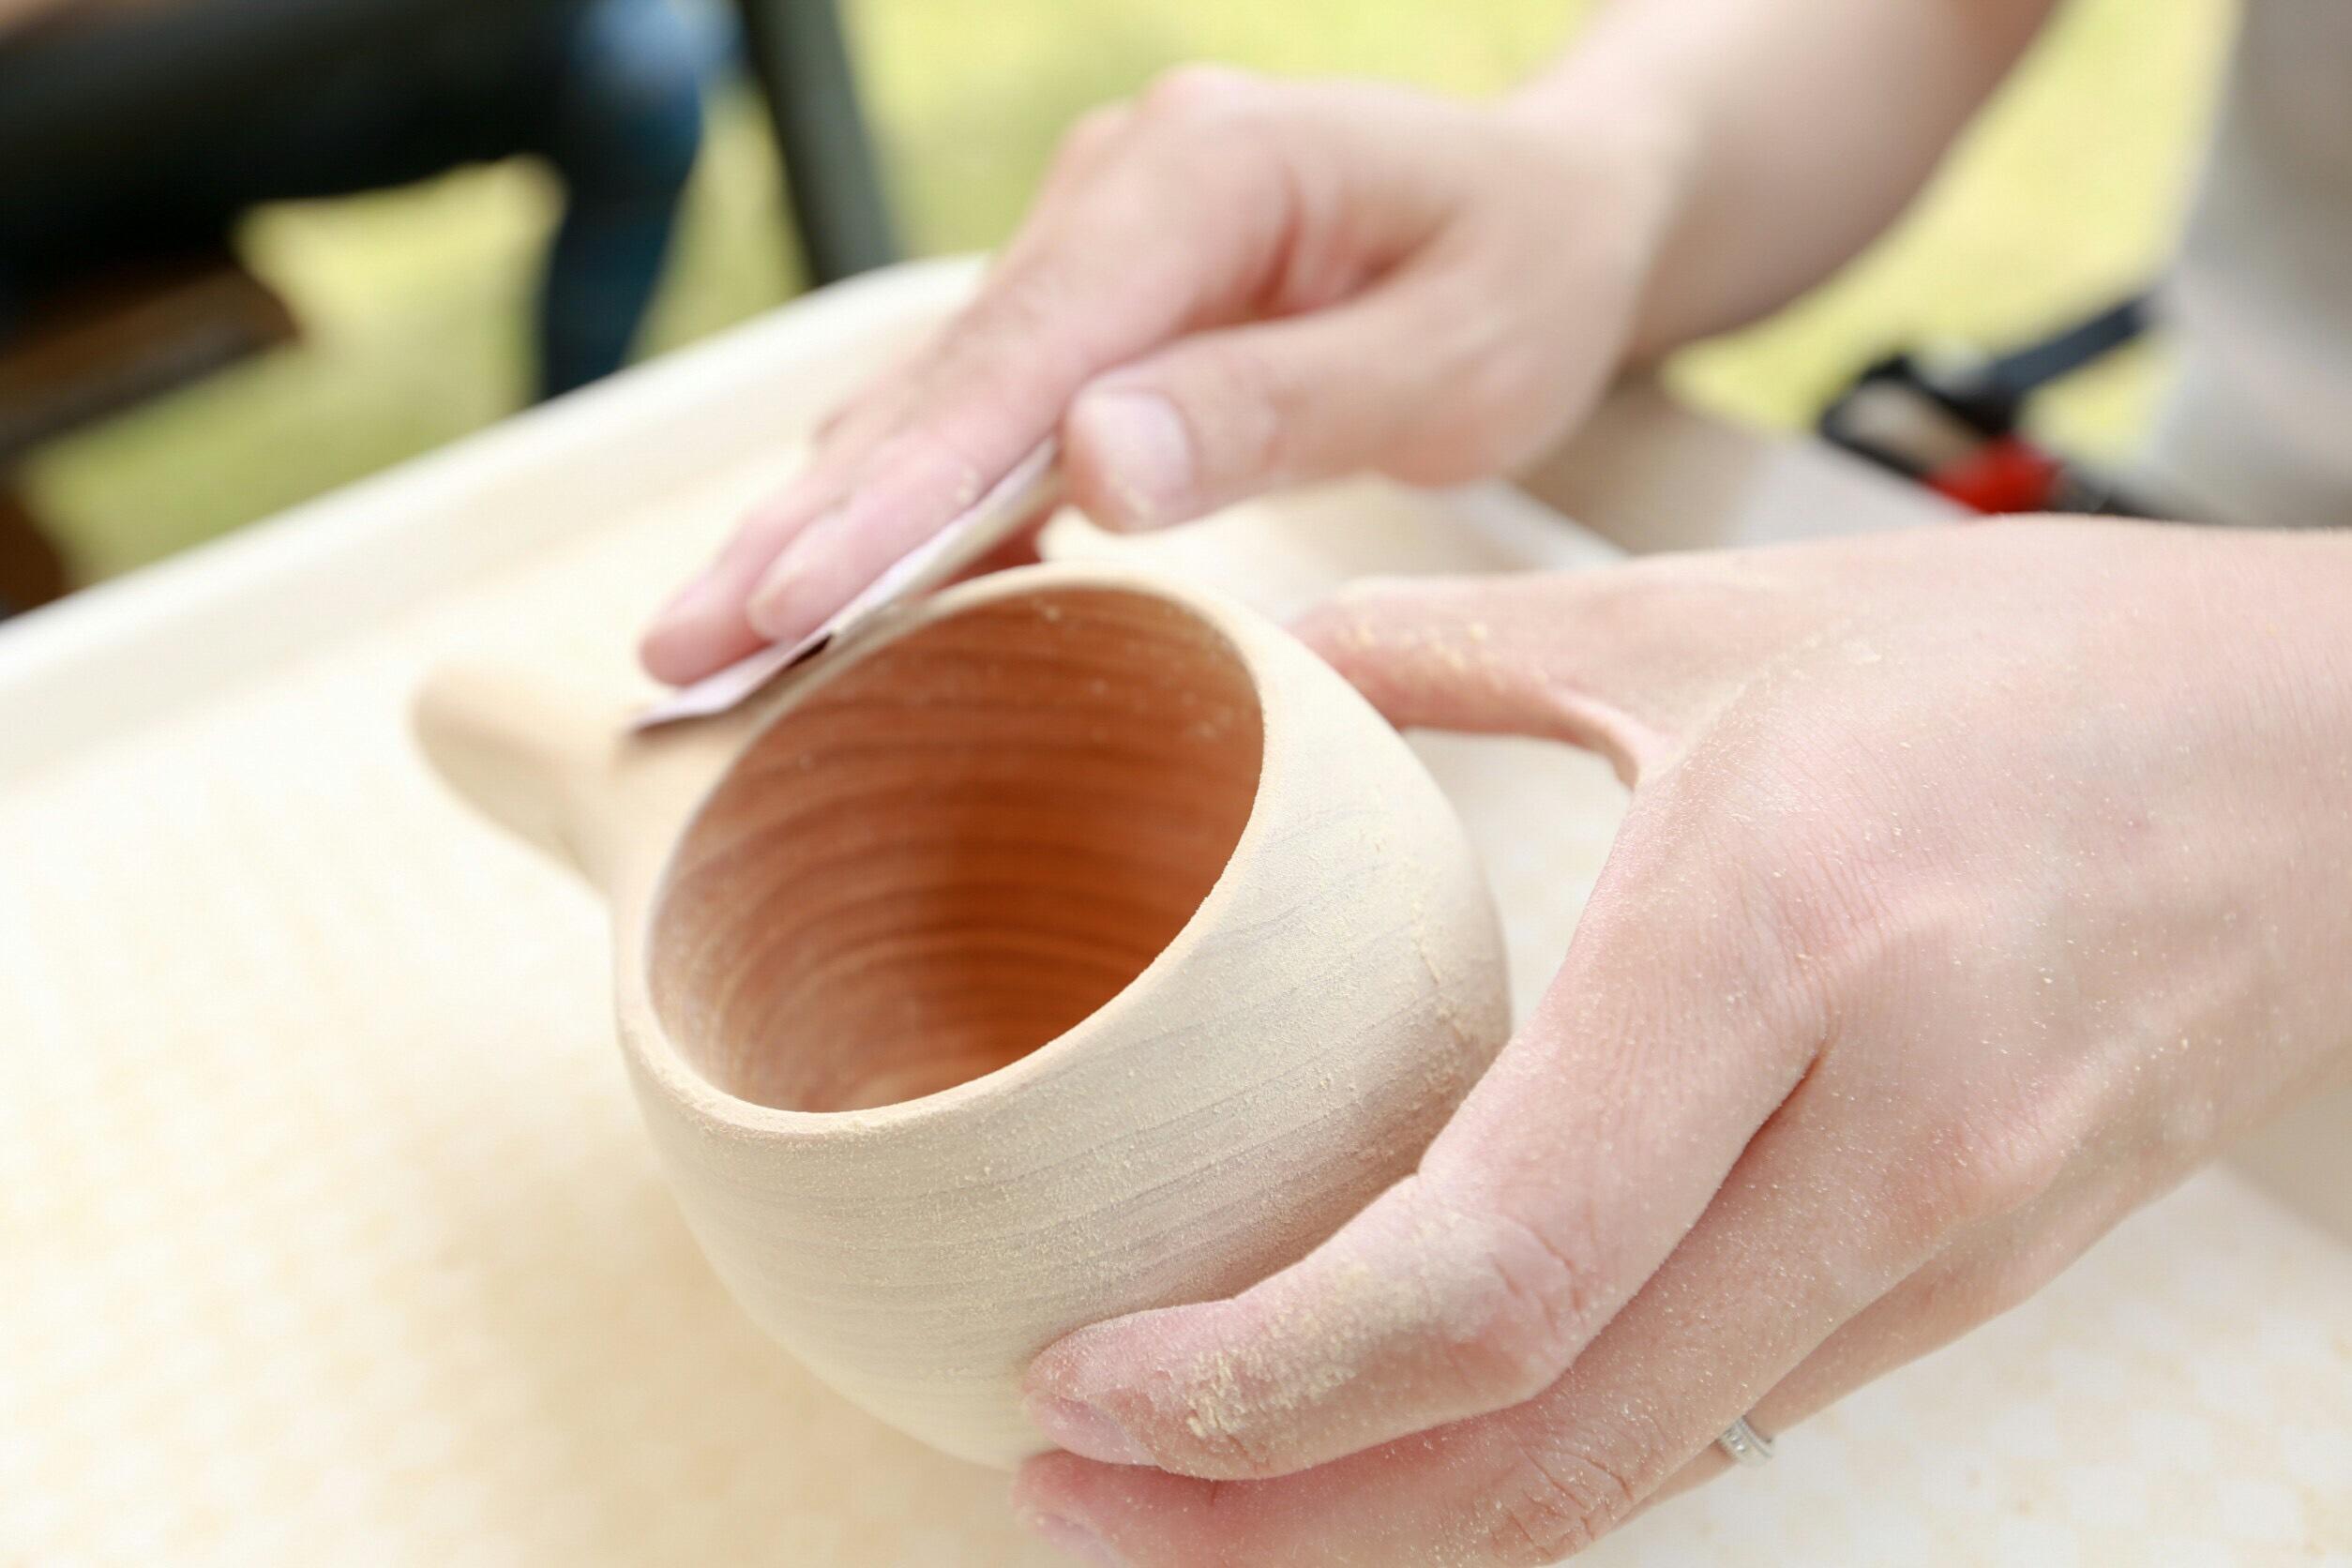 14:00 - 16:00 以日本京都府北部山林的檜木製作獨一無二的傳統木杯,傳說會為收到木杯的人帶來幸福。